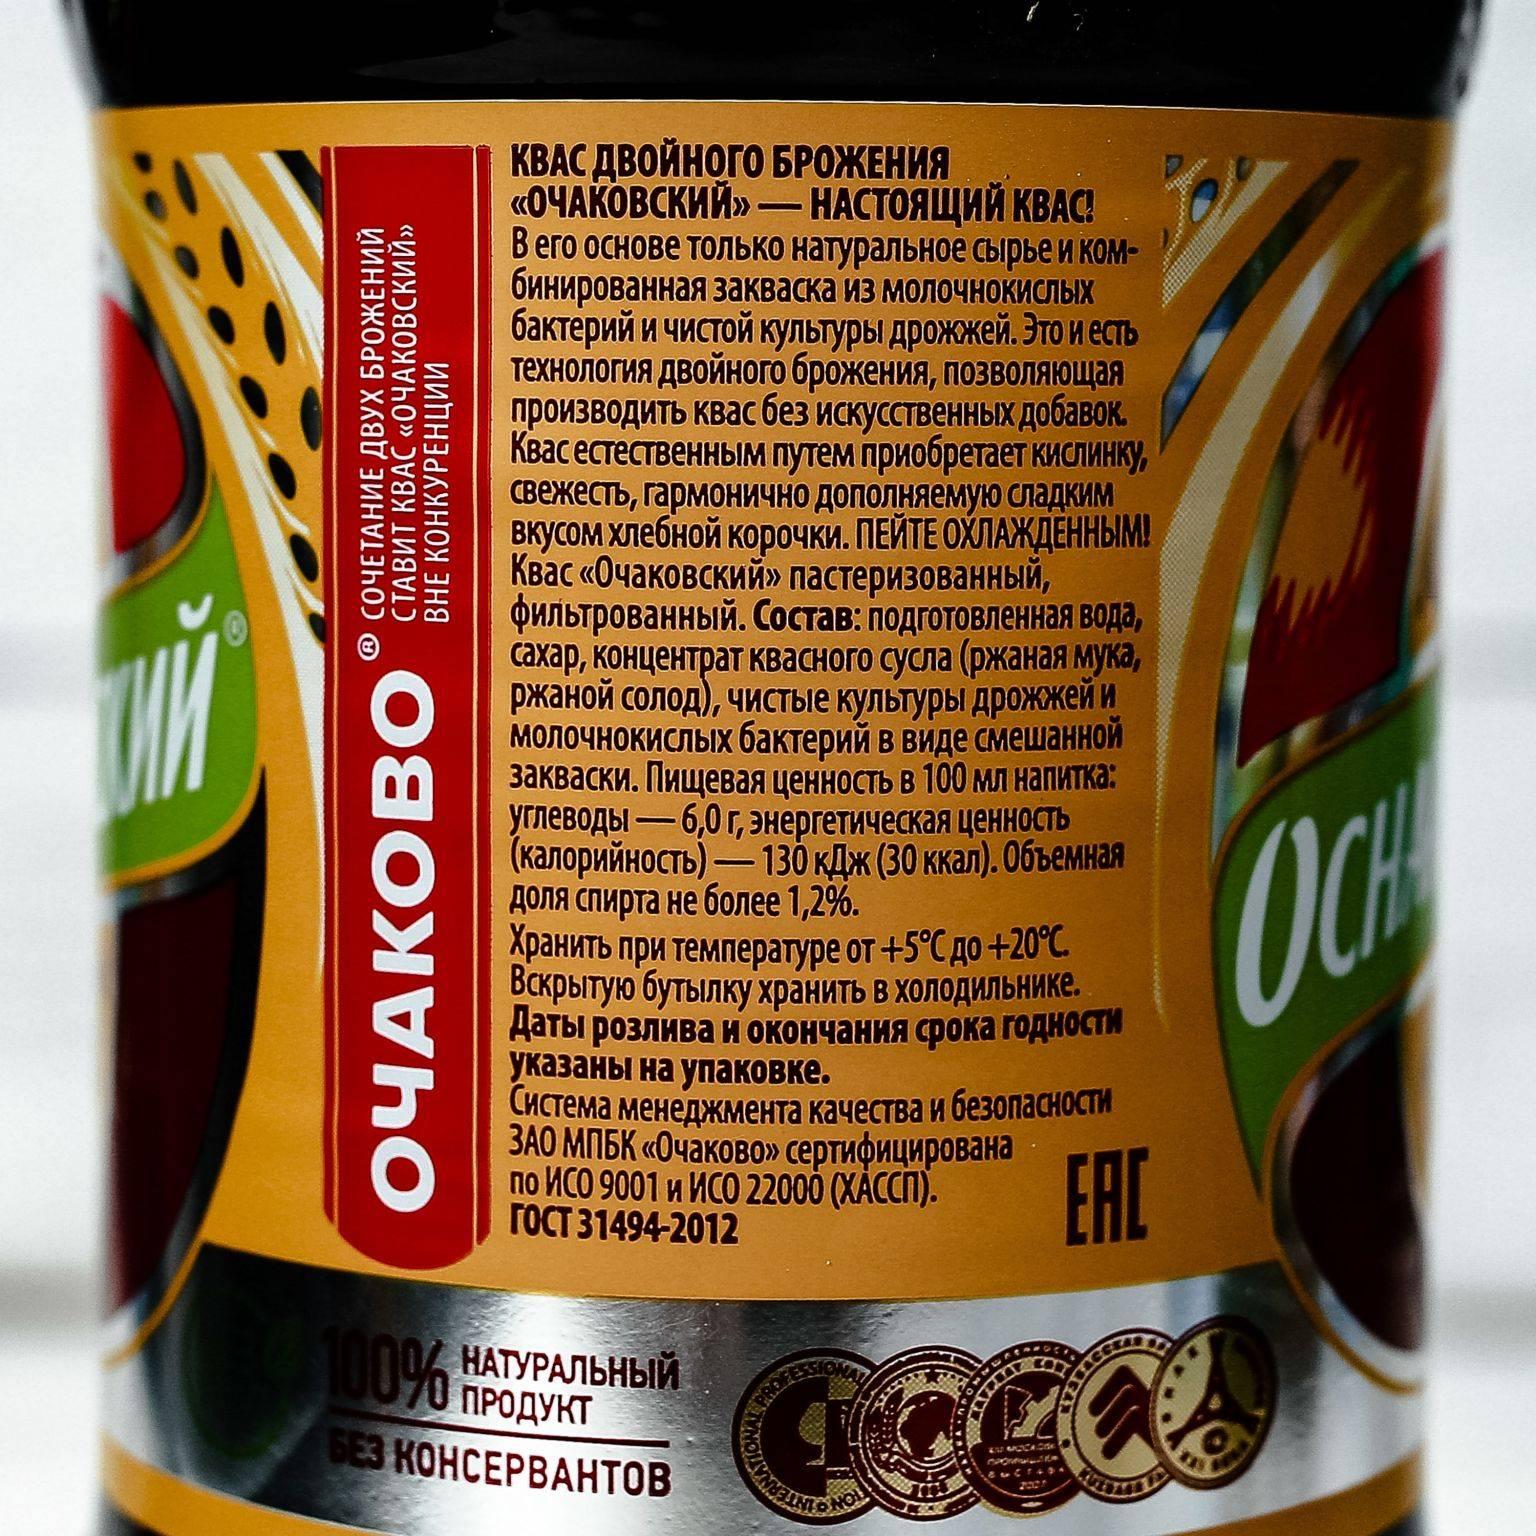 Отзыв на квас очаковский от очаково: состав, калорийность, фото | я люблю вино